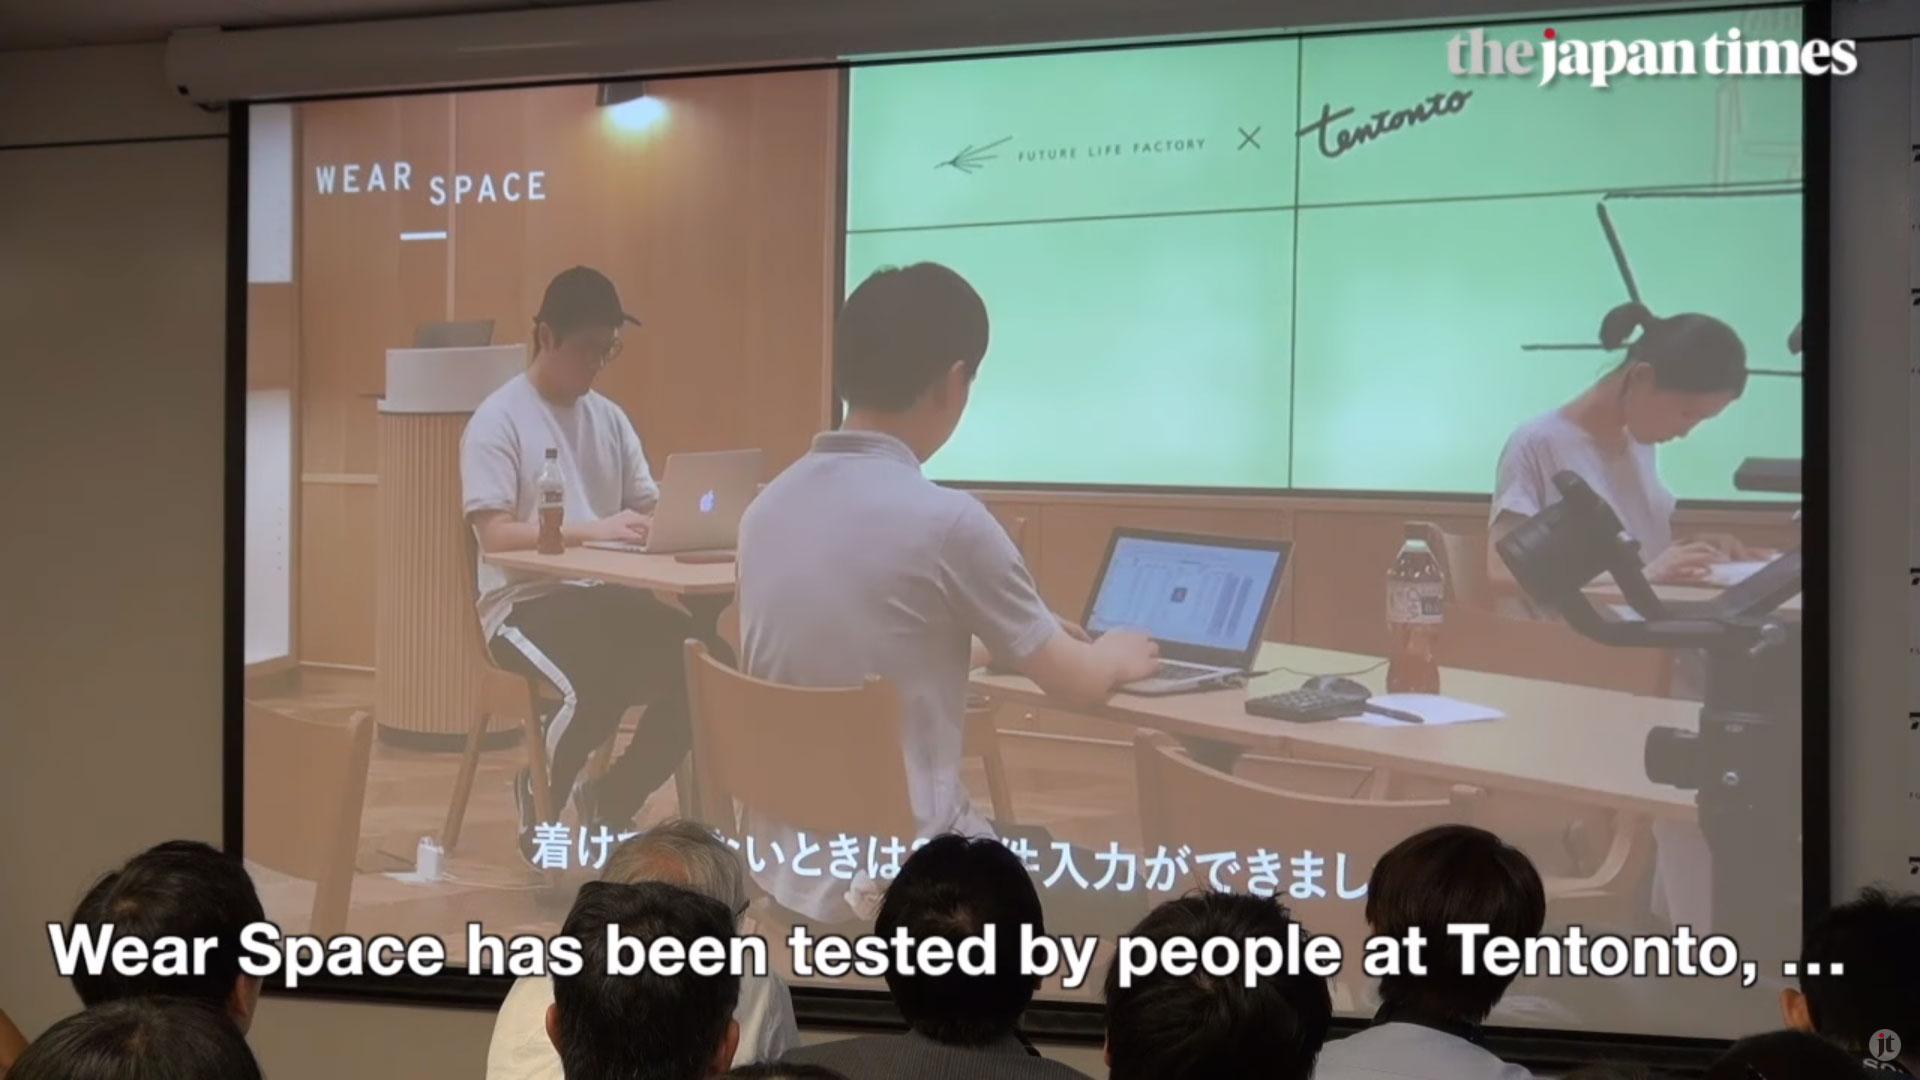 TheJapanTimesWearSpaceTentonto3